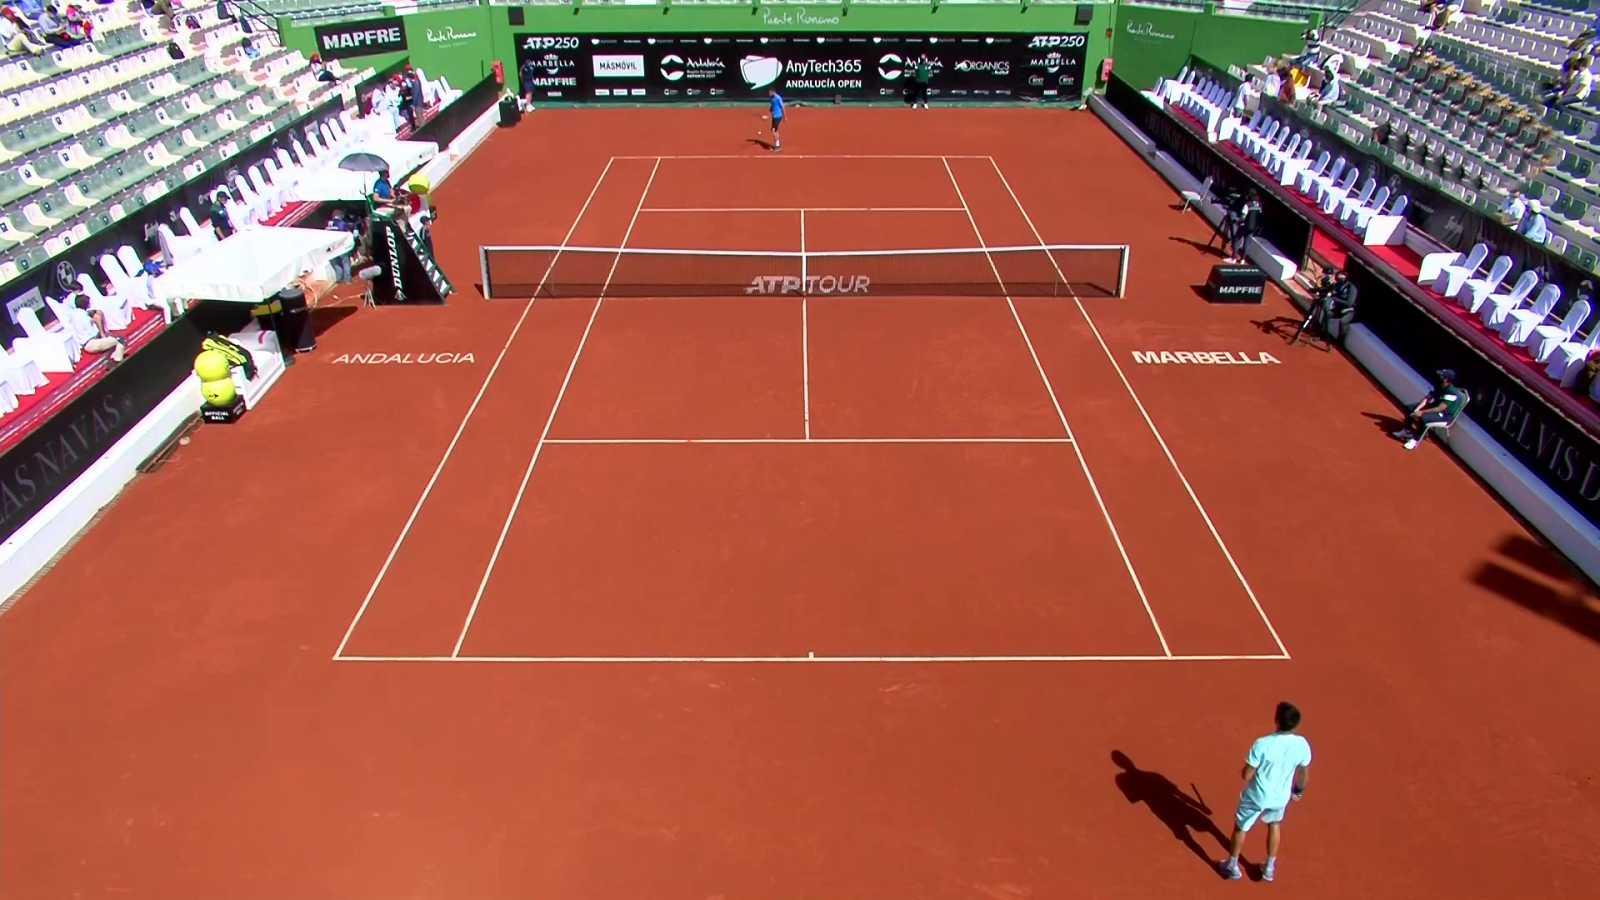 Tenis - ATP 250 Torneo Marbella: Milojevic - Alcaraz - ver ahora